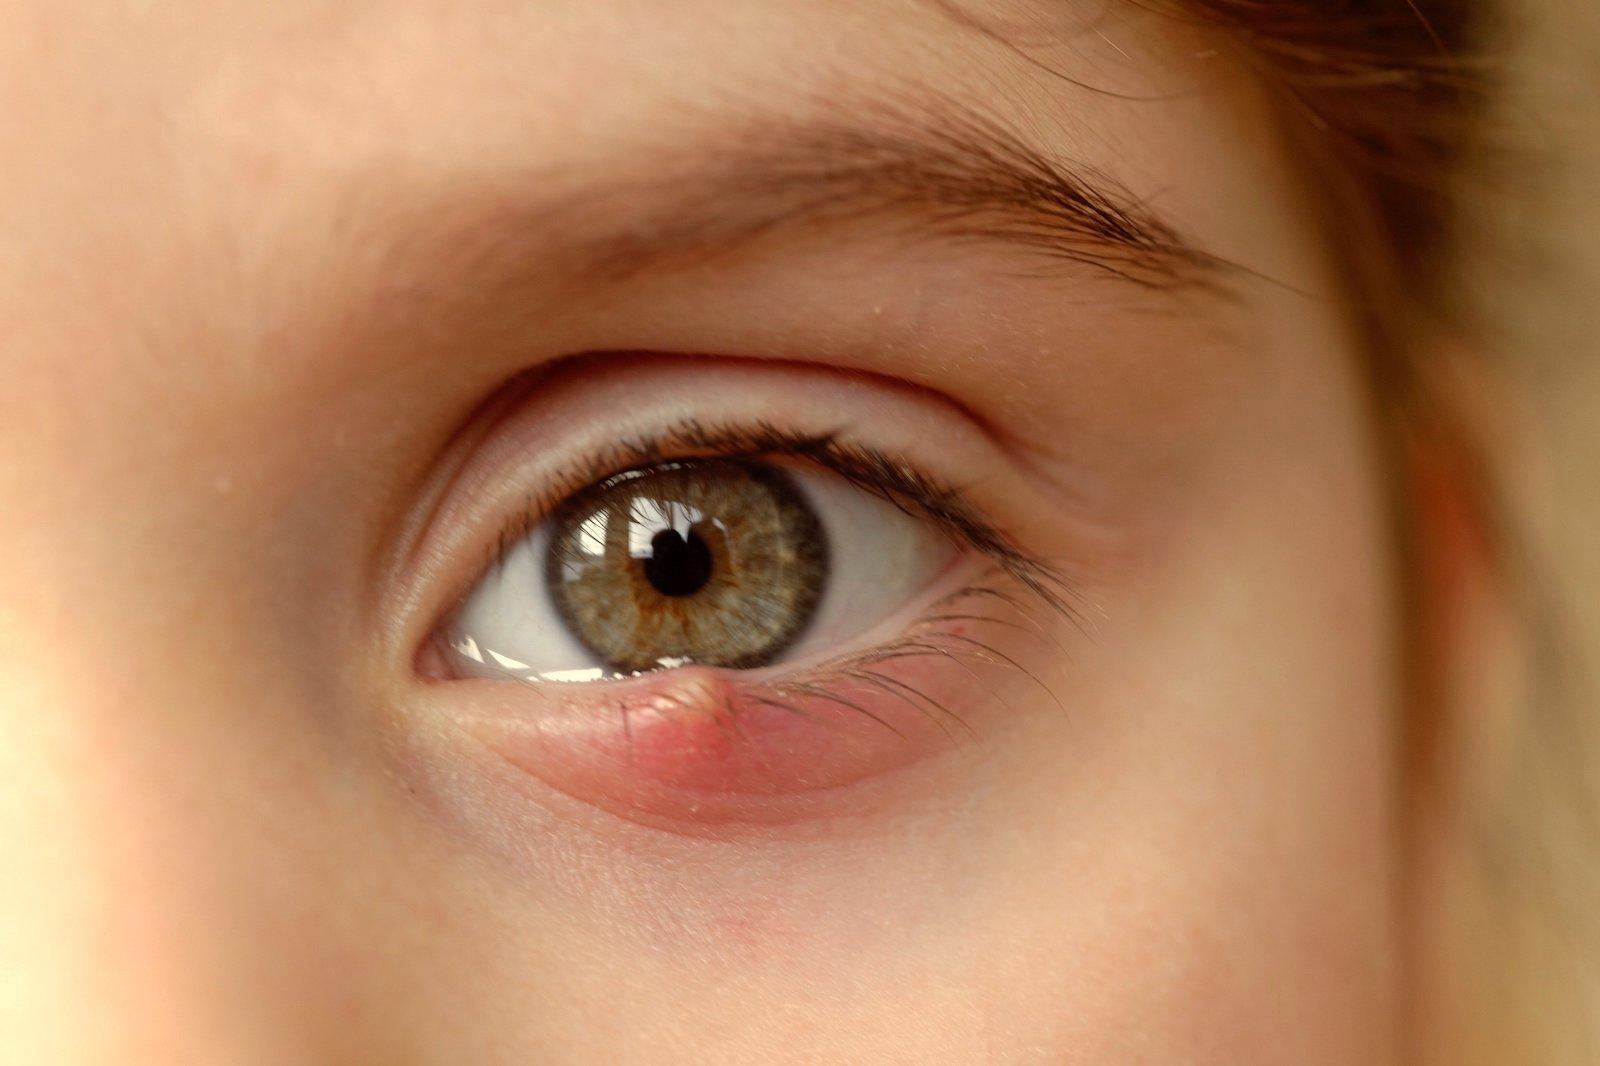 oboseala ochilor înseamnă